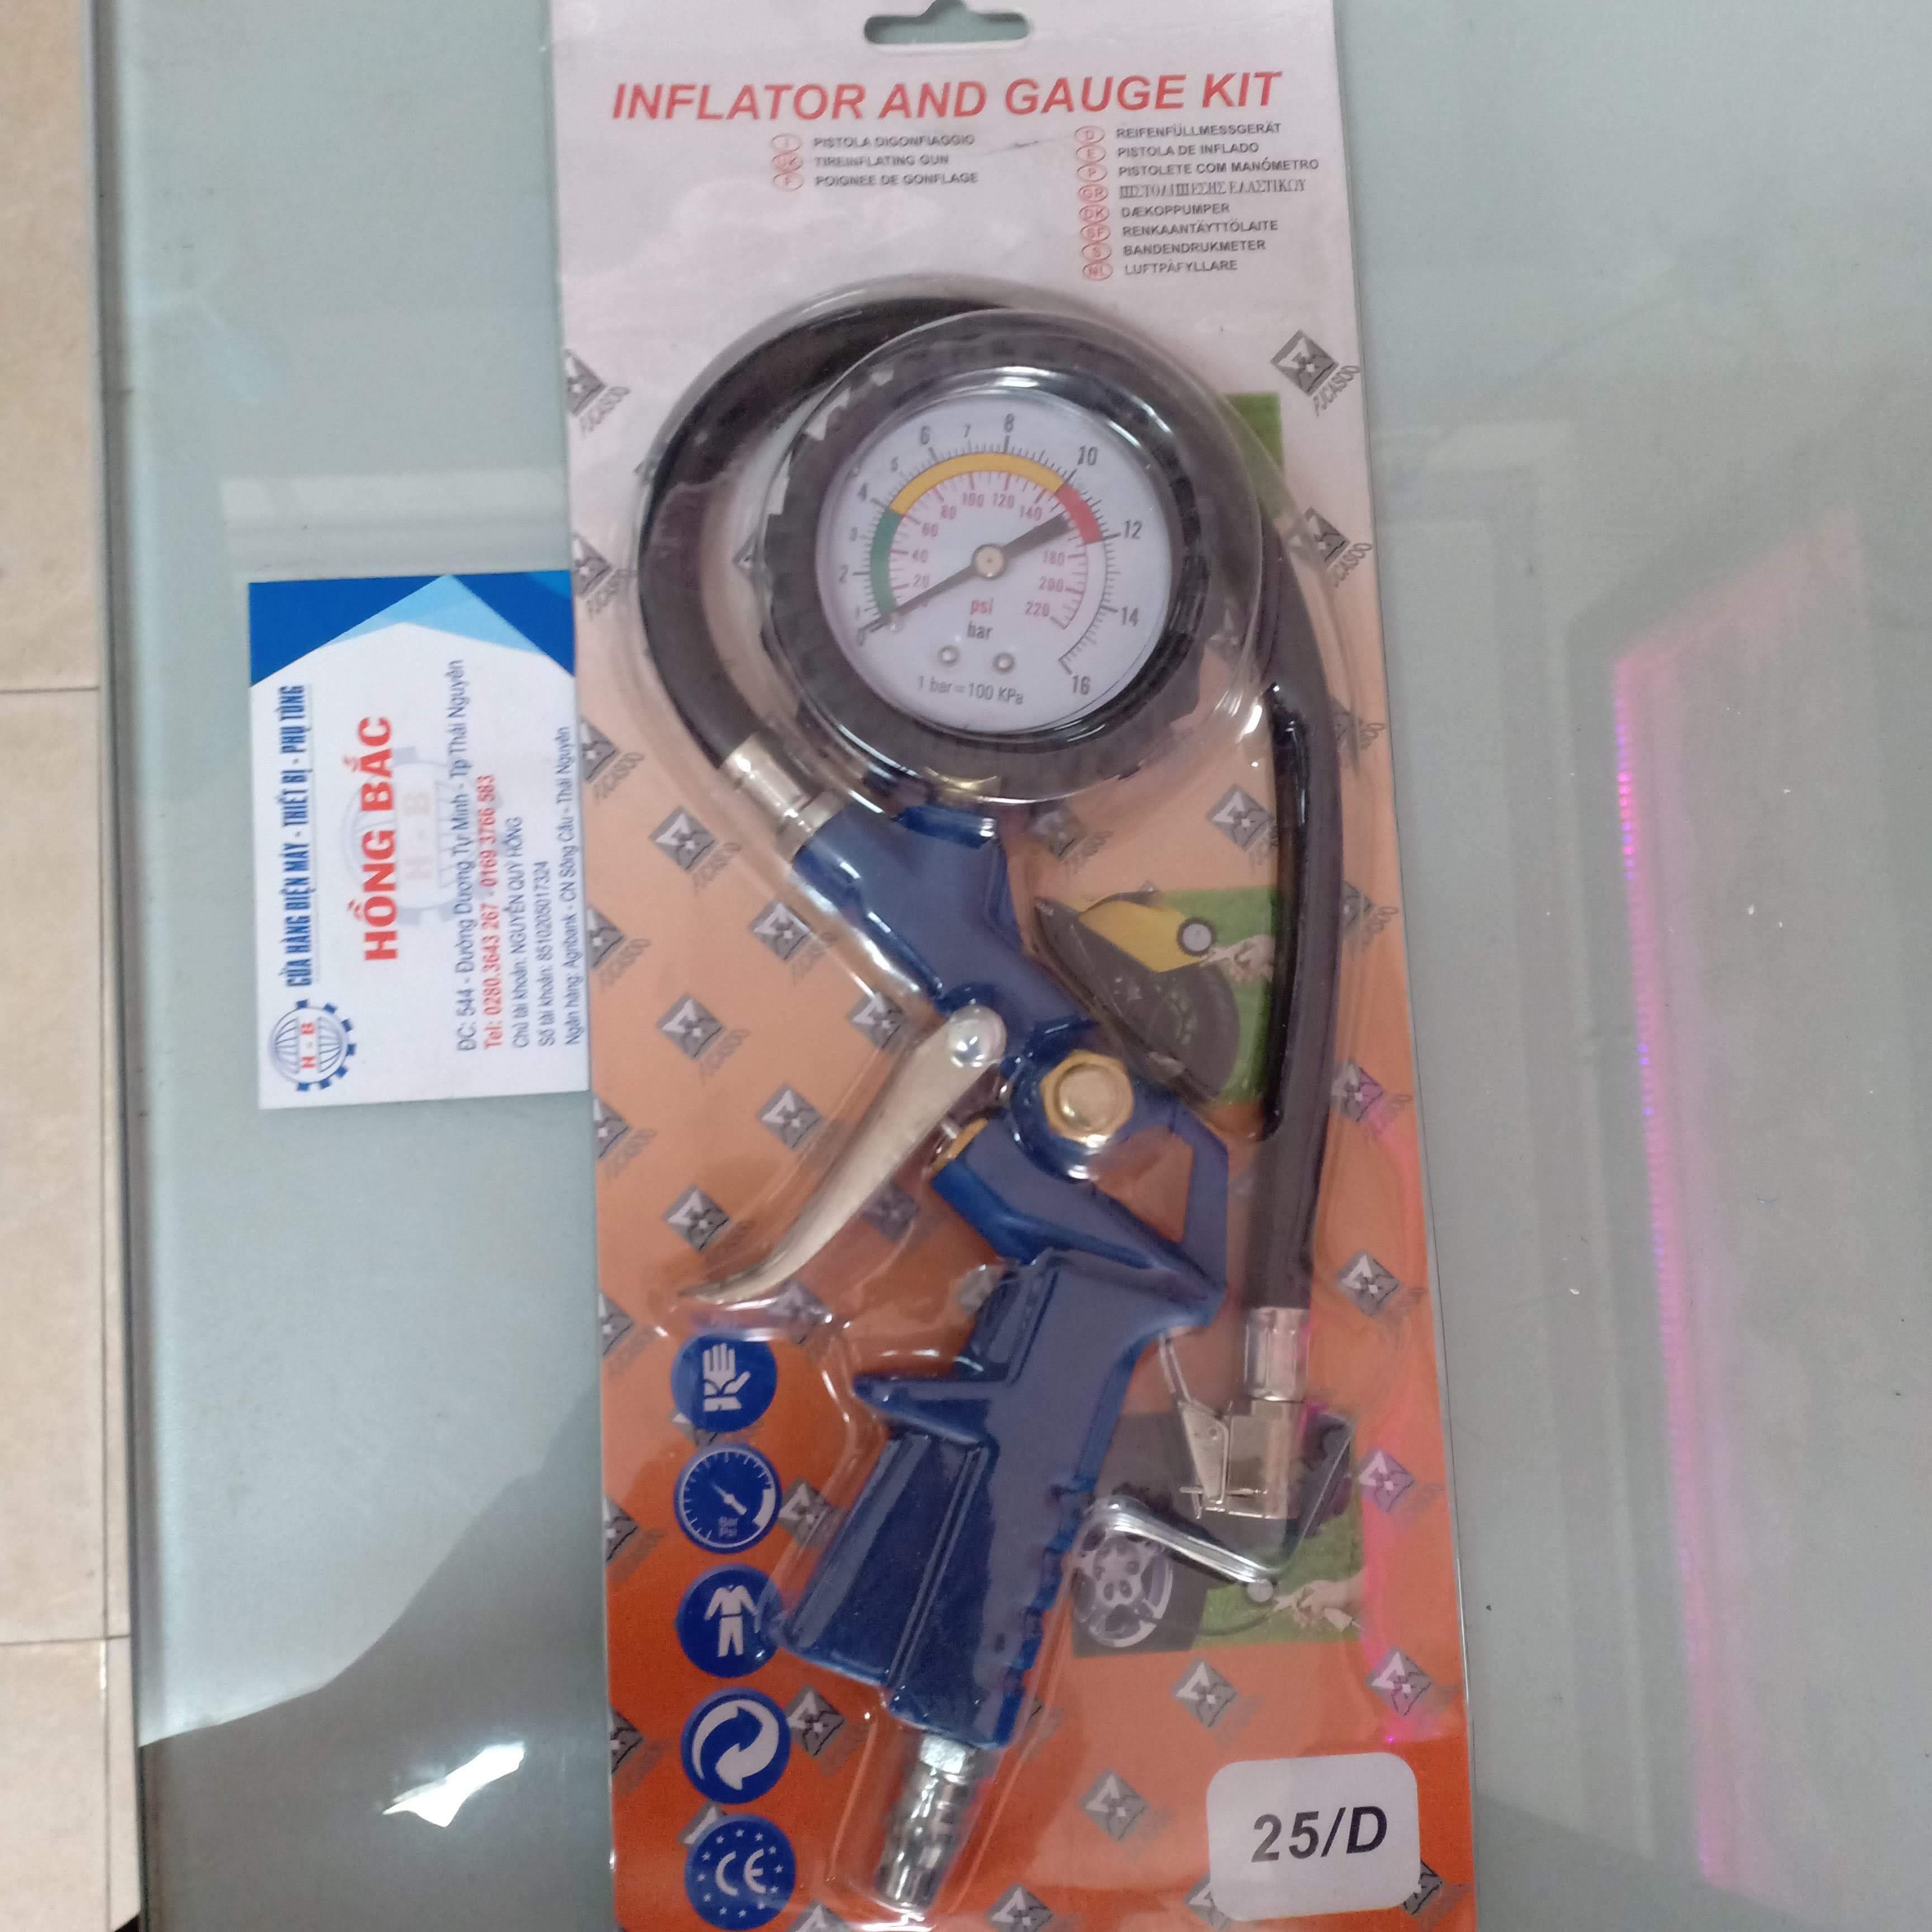 S.úng Bơm Lốp ô tô xe máy có đồng hồ đo áp suất